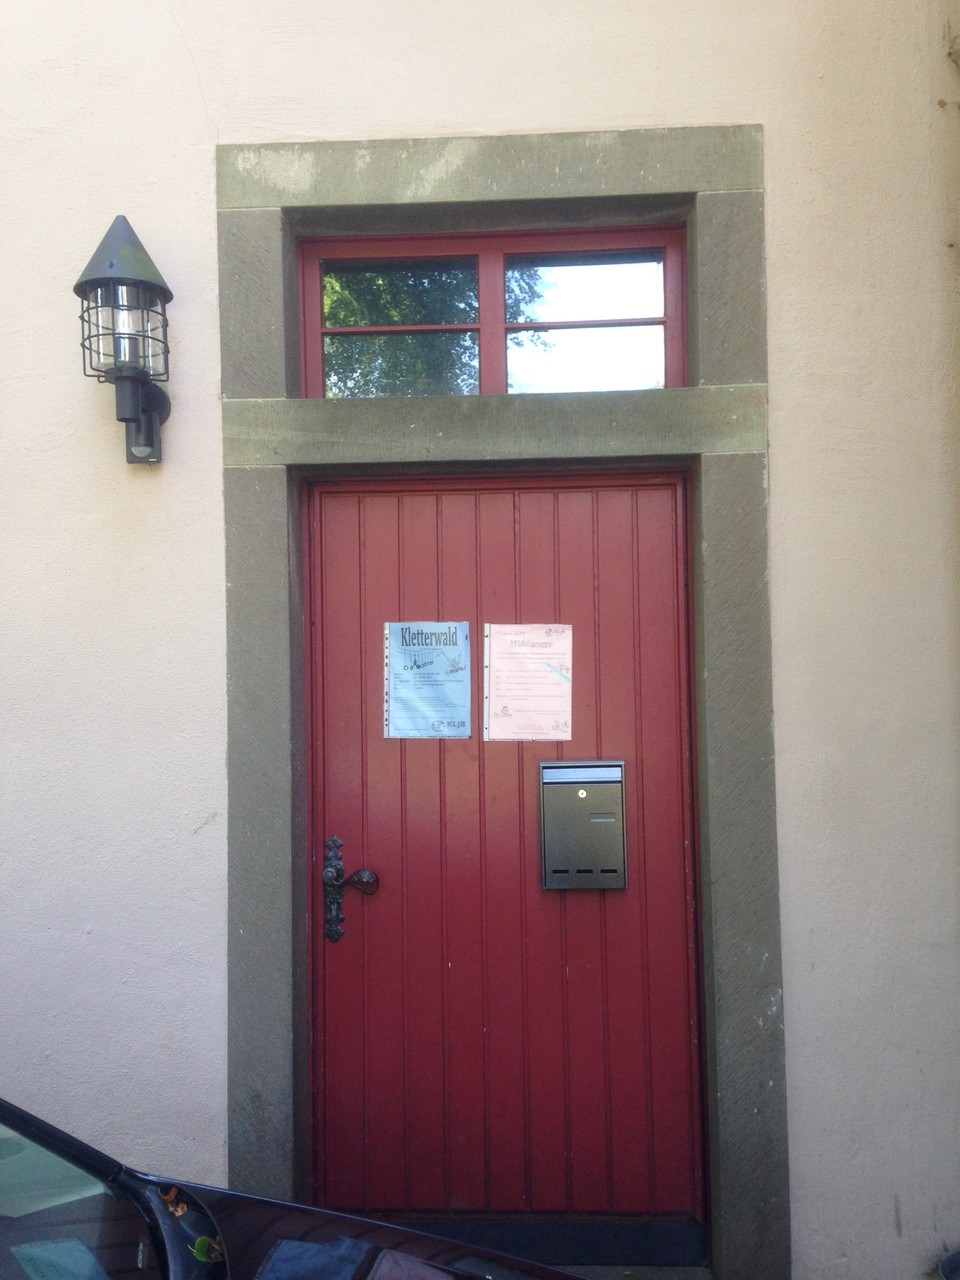 Der Eingang zum Gruppenraum... hier hängen auch immer die neuesten Plakate und der Briefkasten